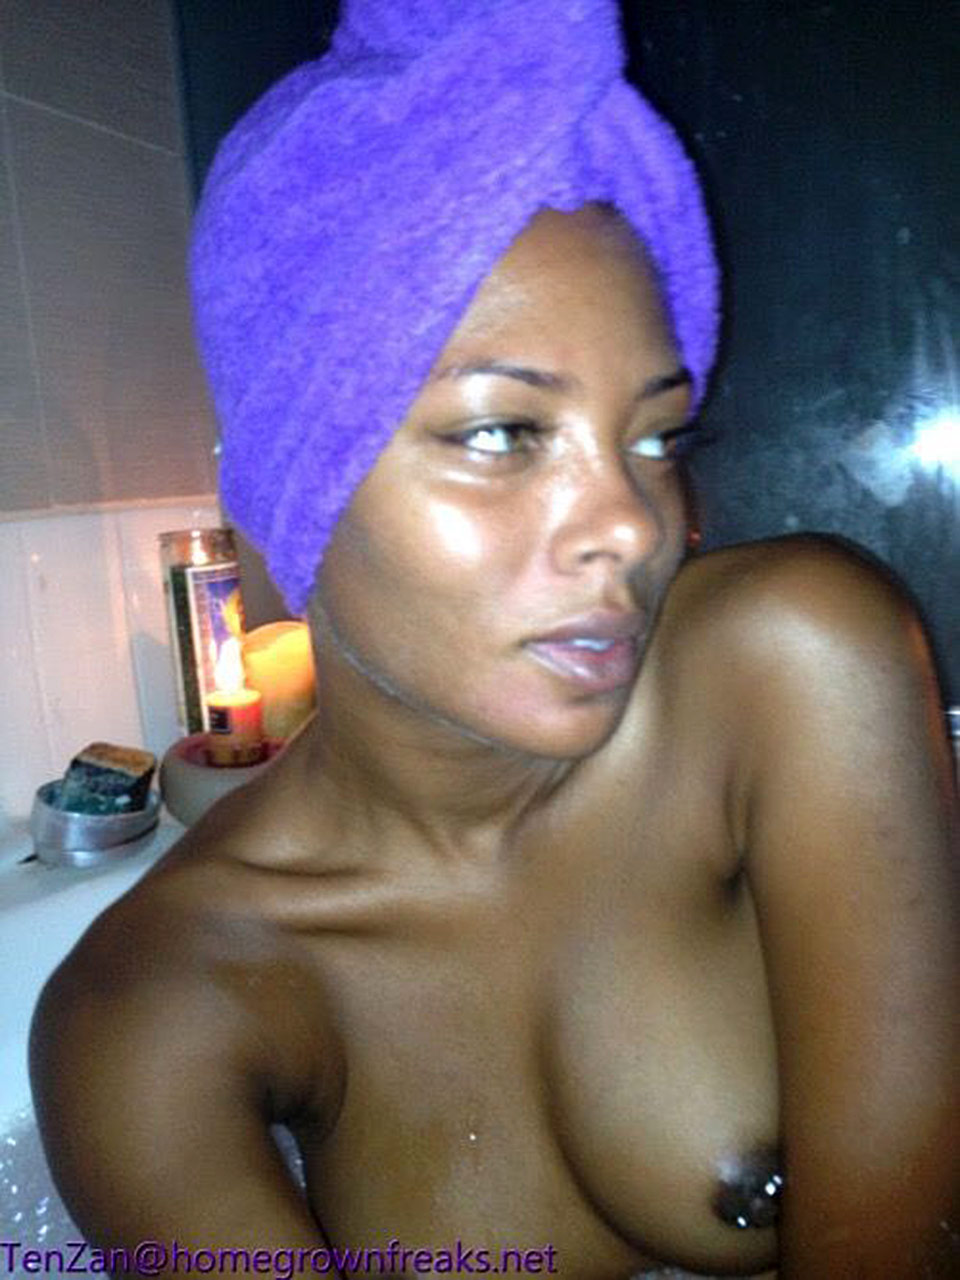 Nri big boob girl nude pic